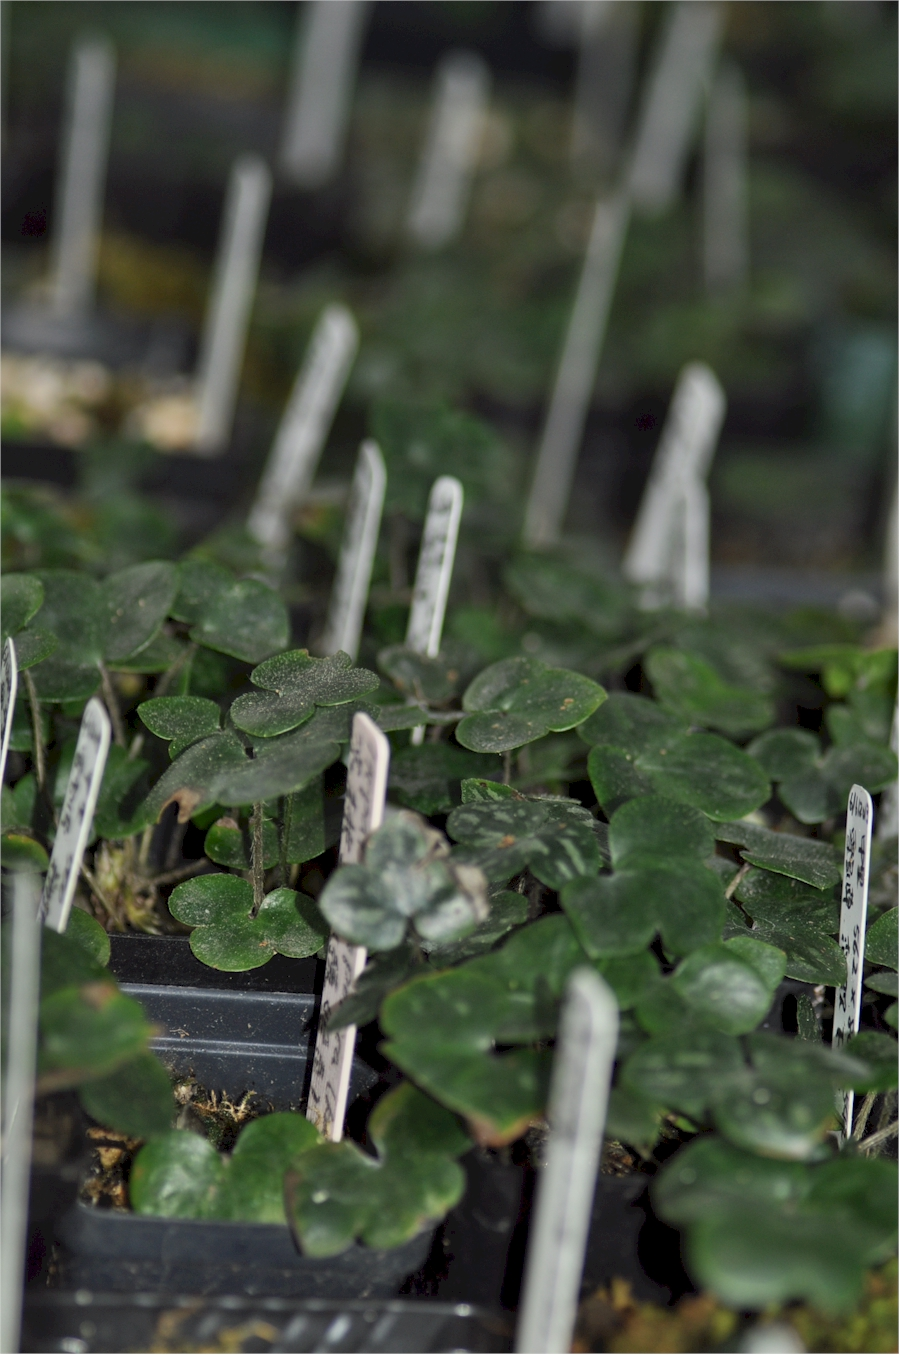 Hepatica seedlings